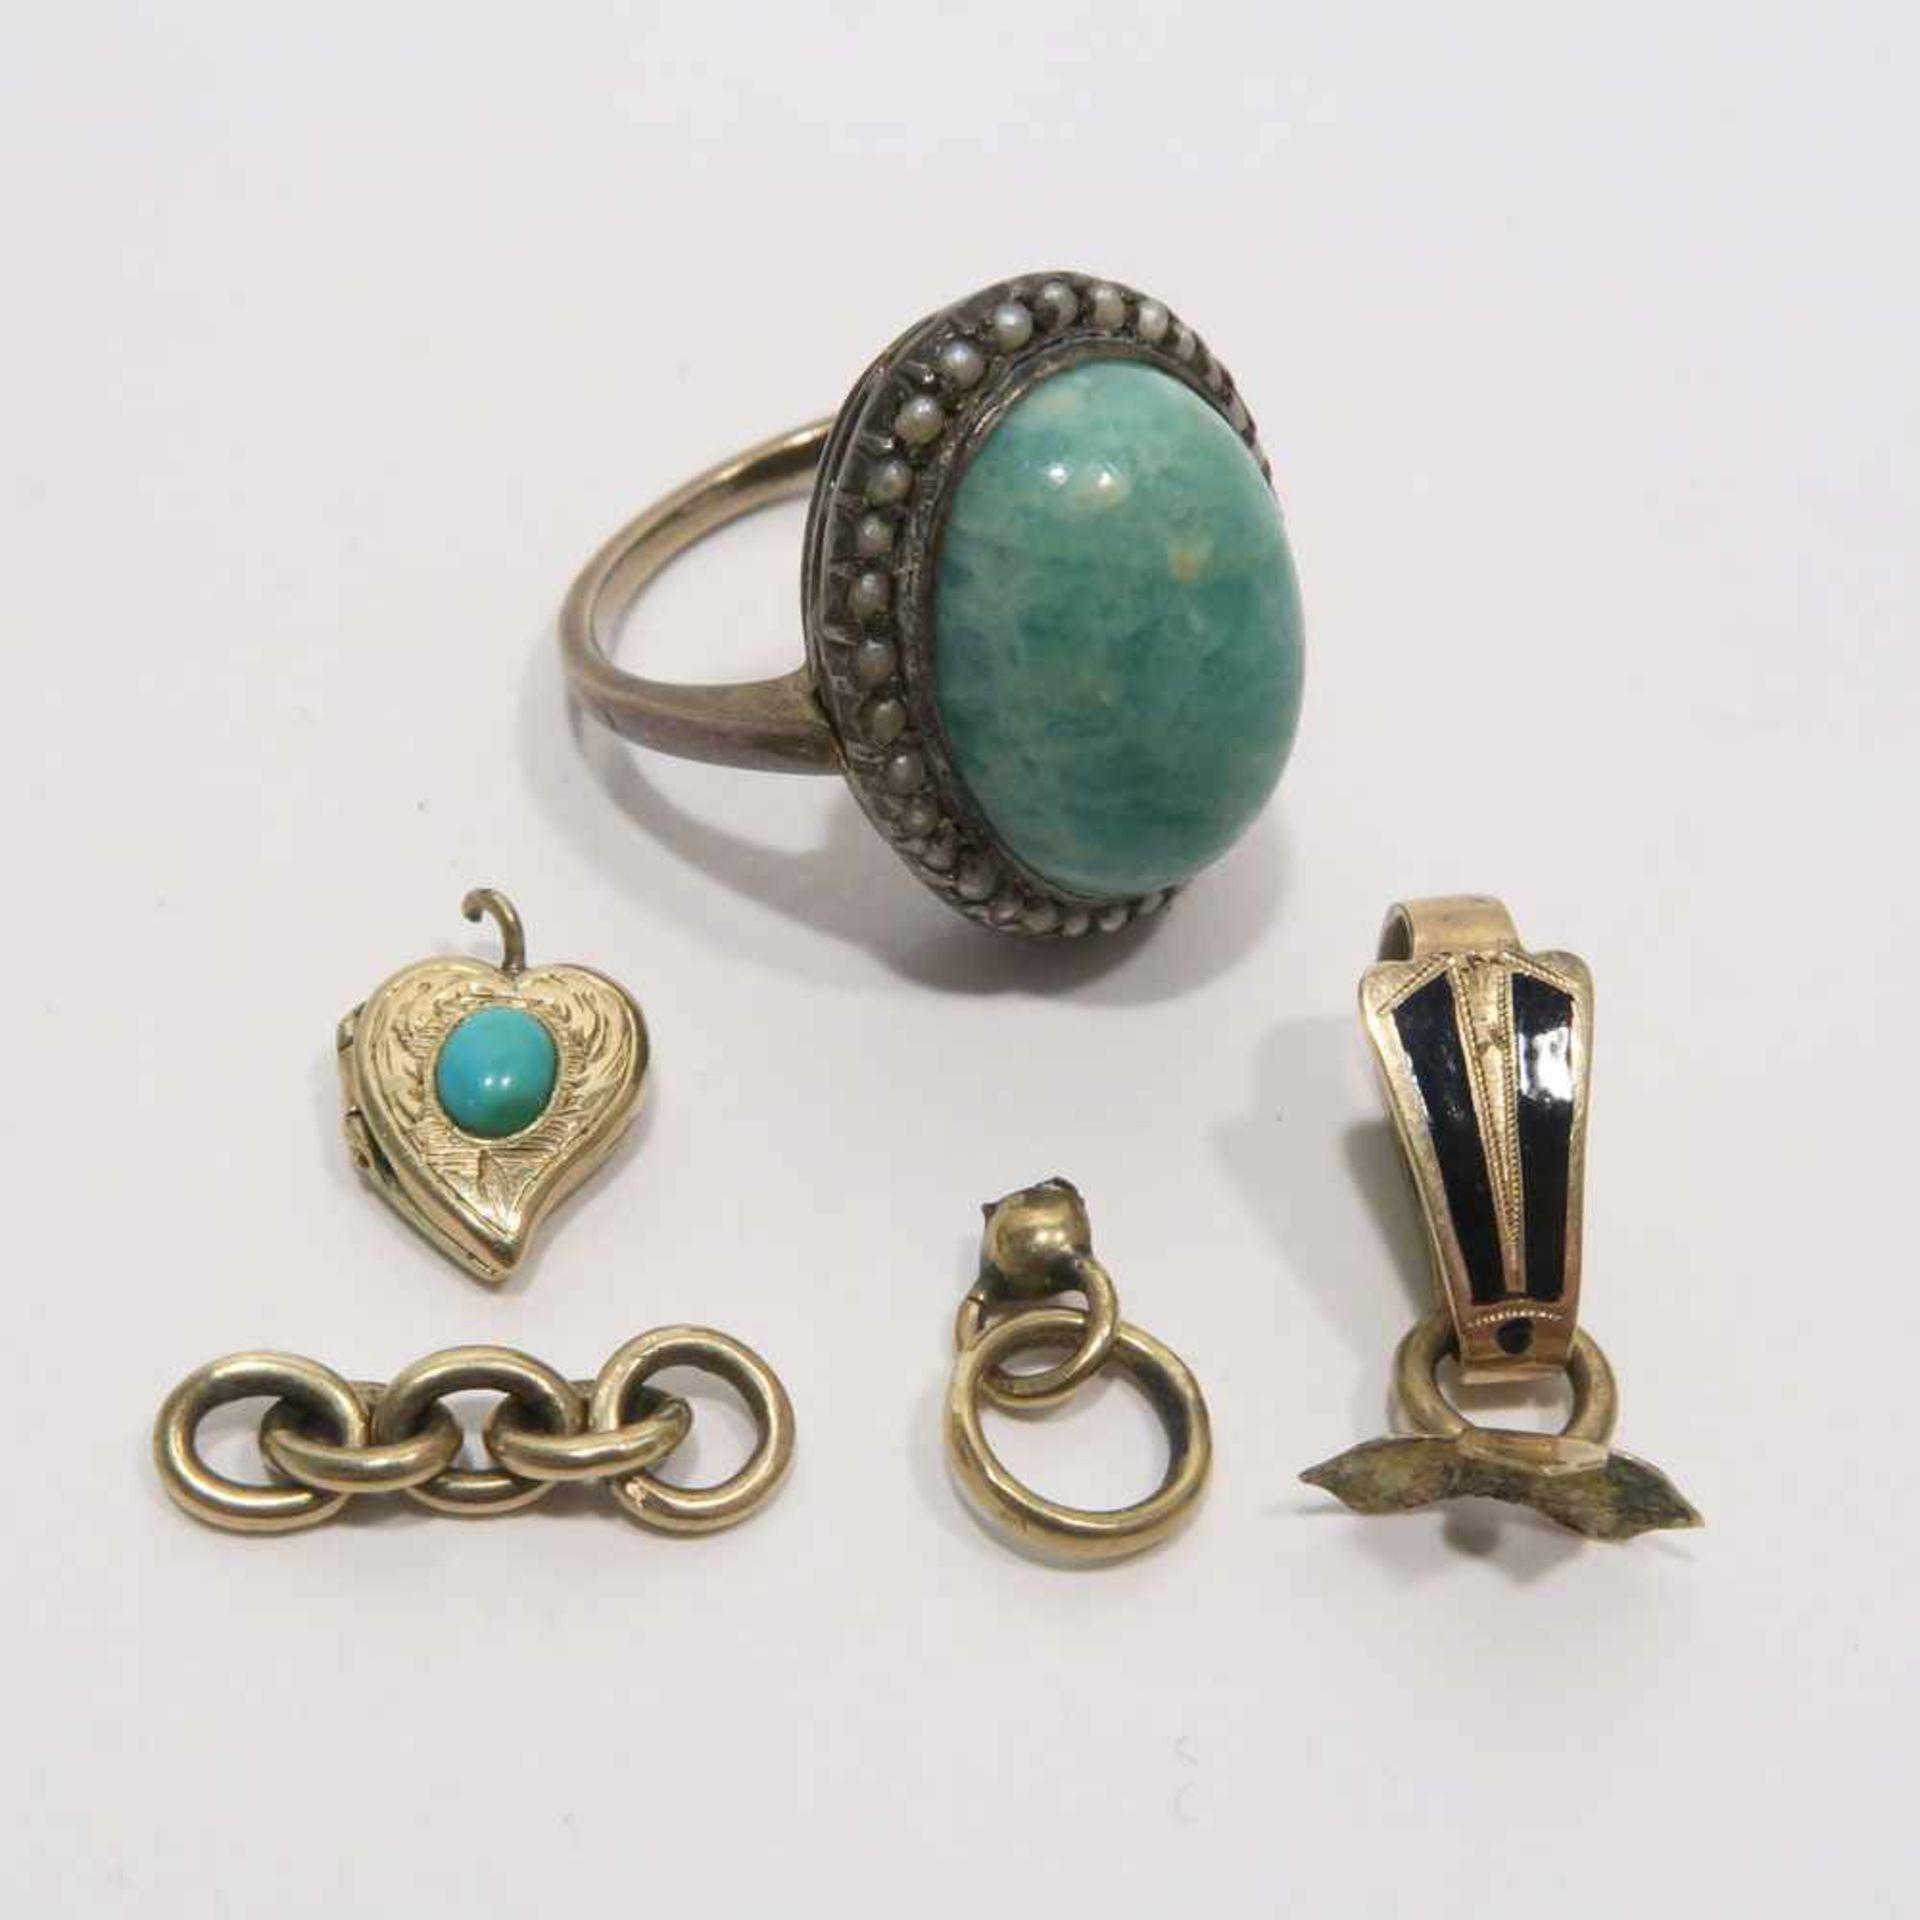 Konvolut Goldschmuck, 5tlg.14 K GG, tlw. Marke (585, geprüft). Ring mit Amazonit-Cabochon und